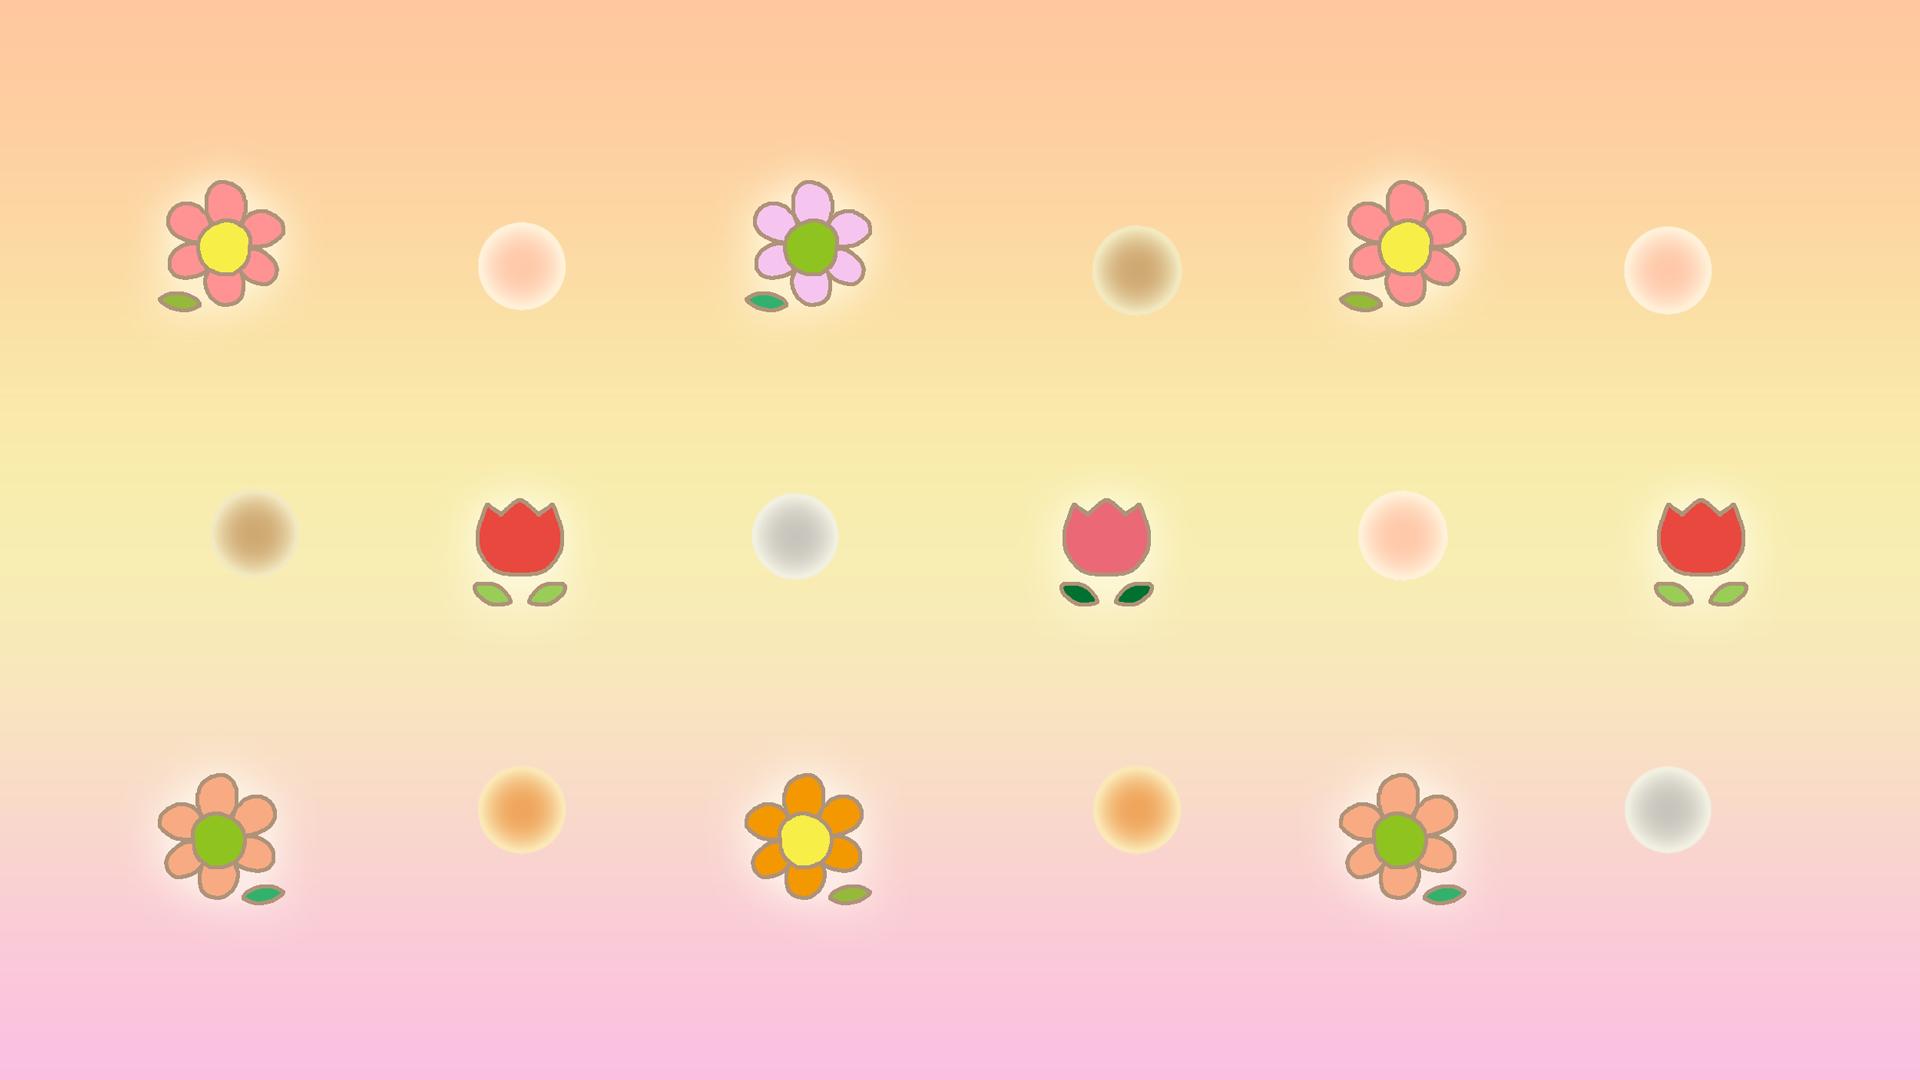 お花モチーフのバーチャル背景のイラスト